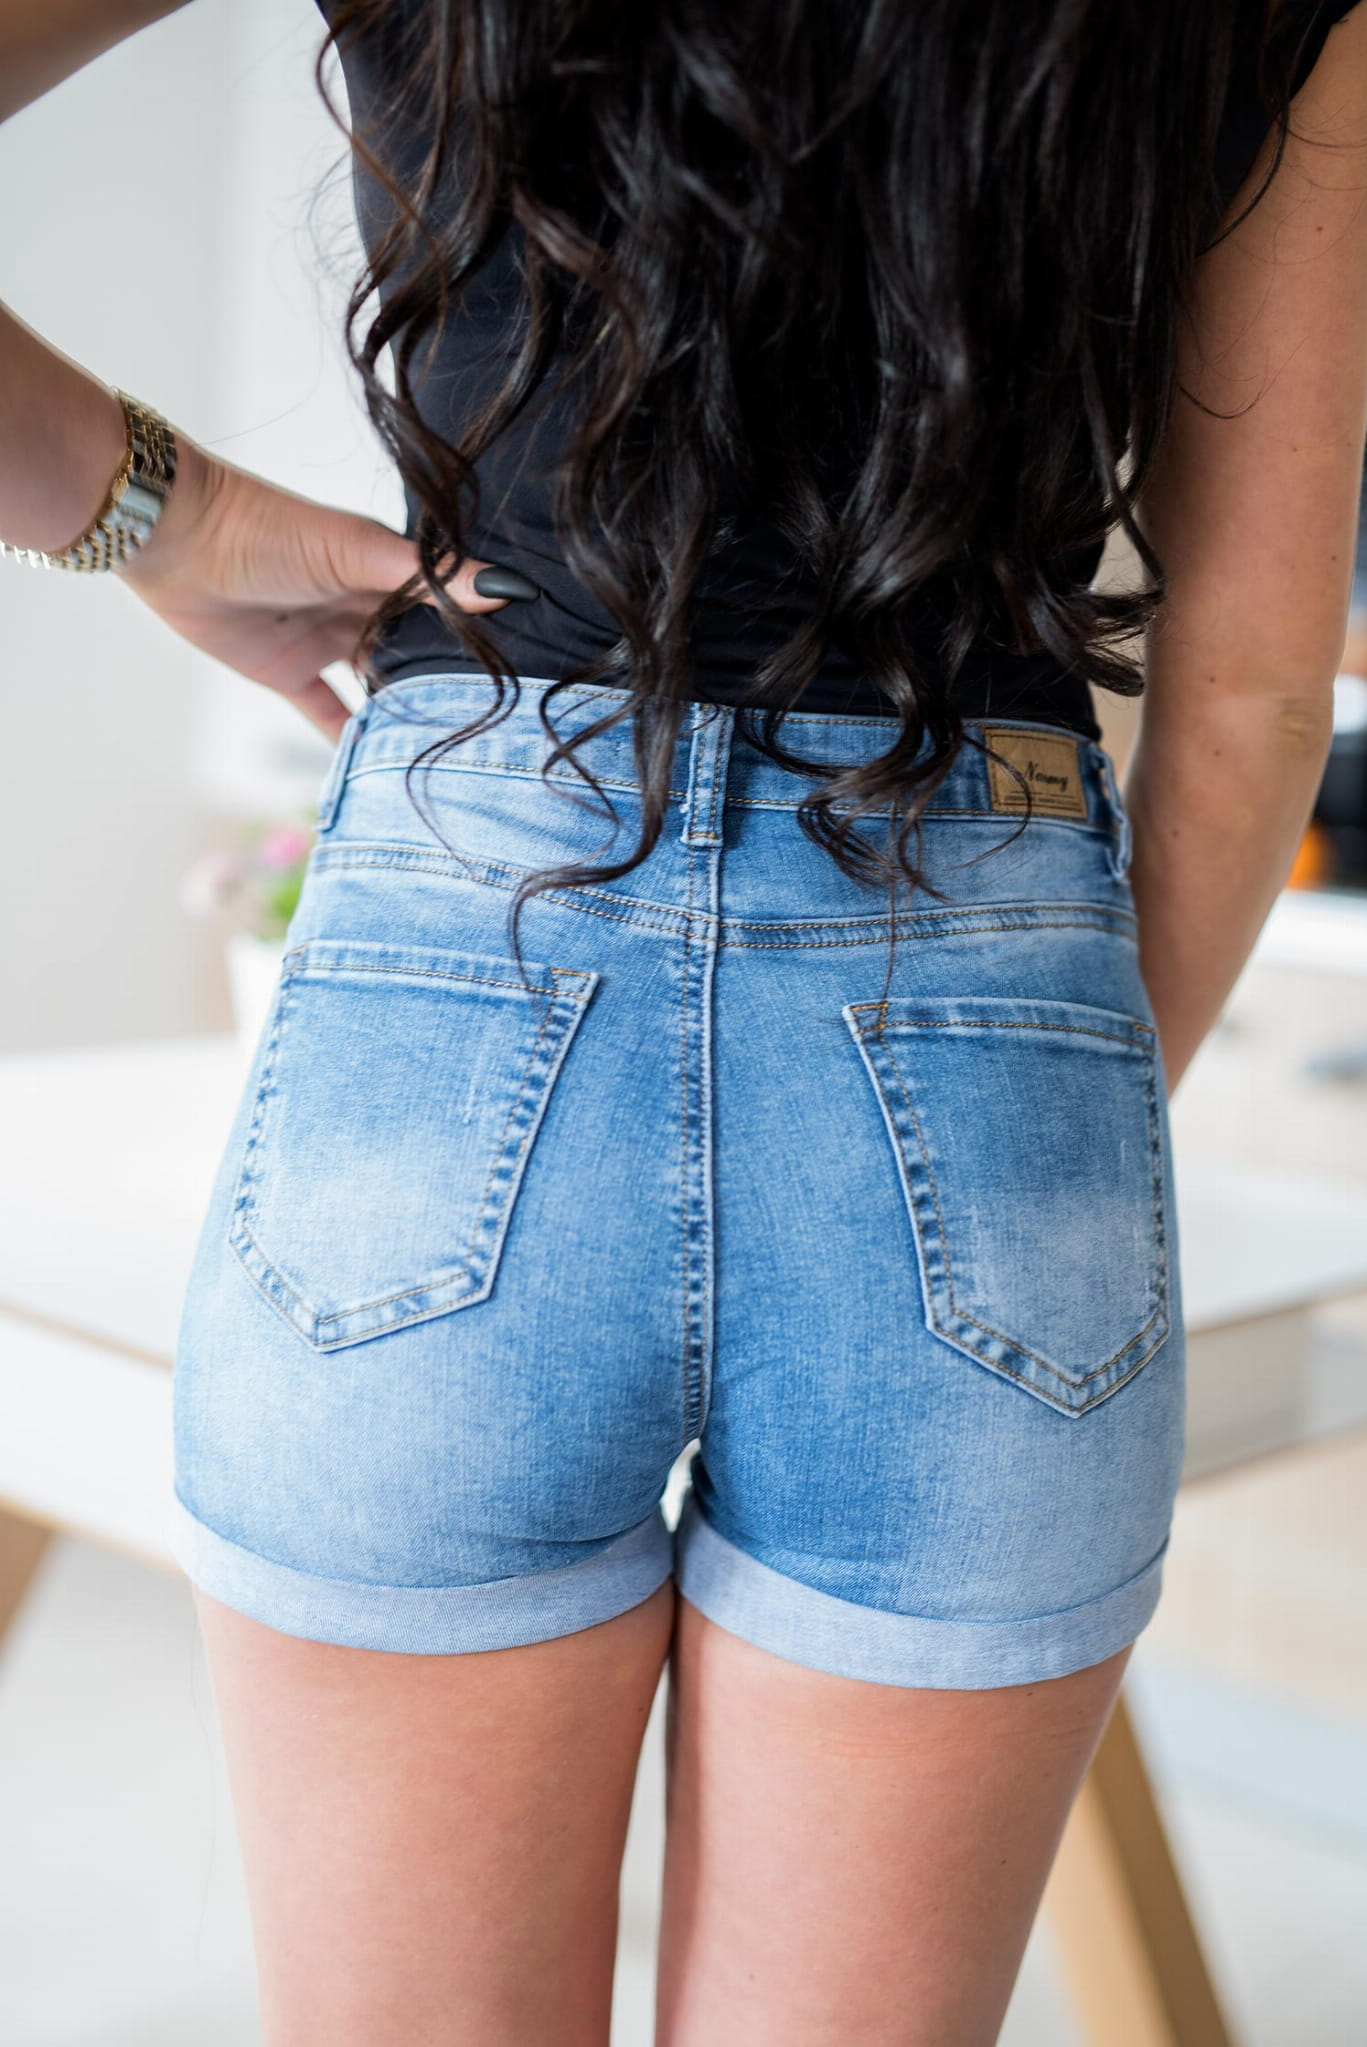 590a8e7eb02a Z541 Damskie dopasowane spodenki jeansowe podwijane nogawki rozmiar xs s m  l xl. nowość